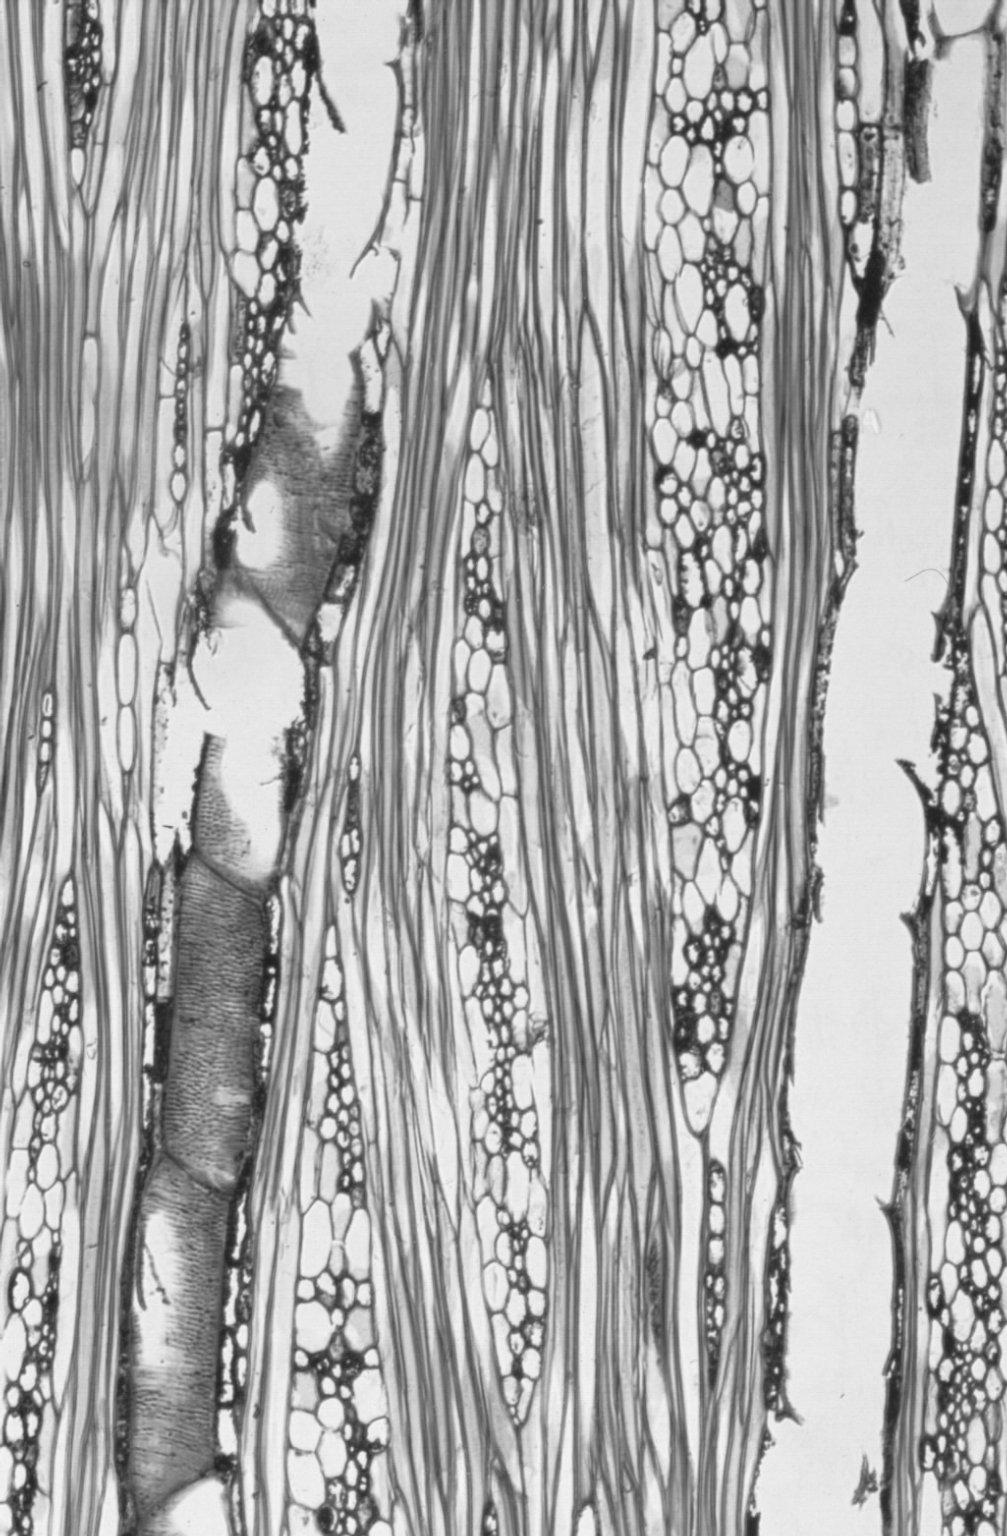 MALVACEAE MALVOIDEAE Hibiscus tiliaceus